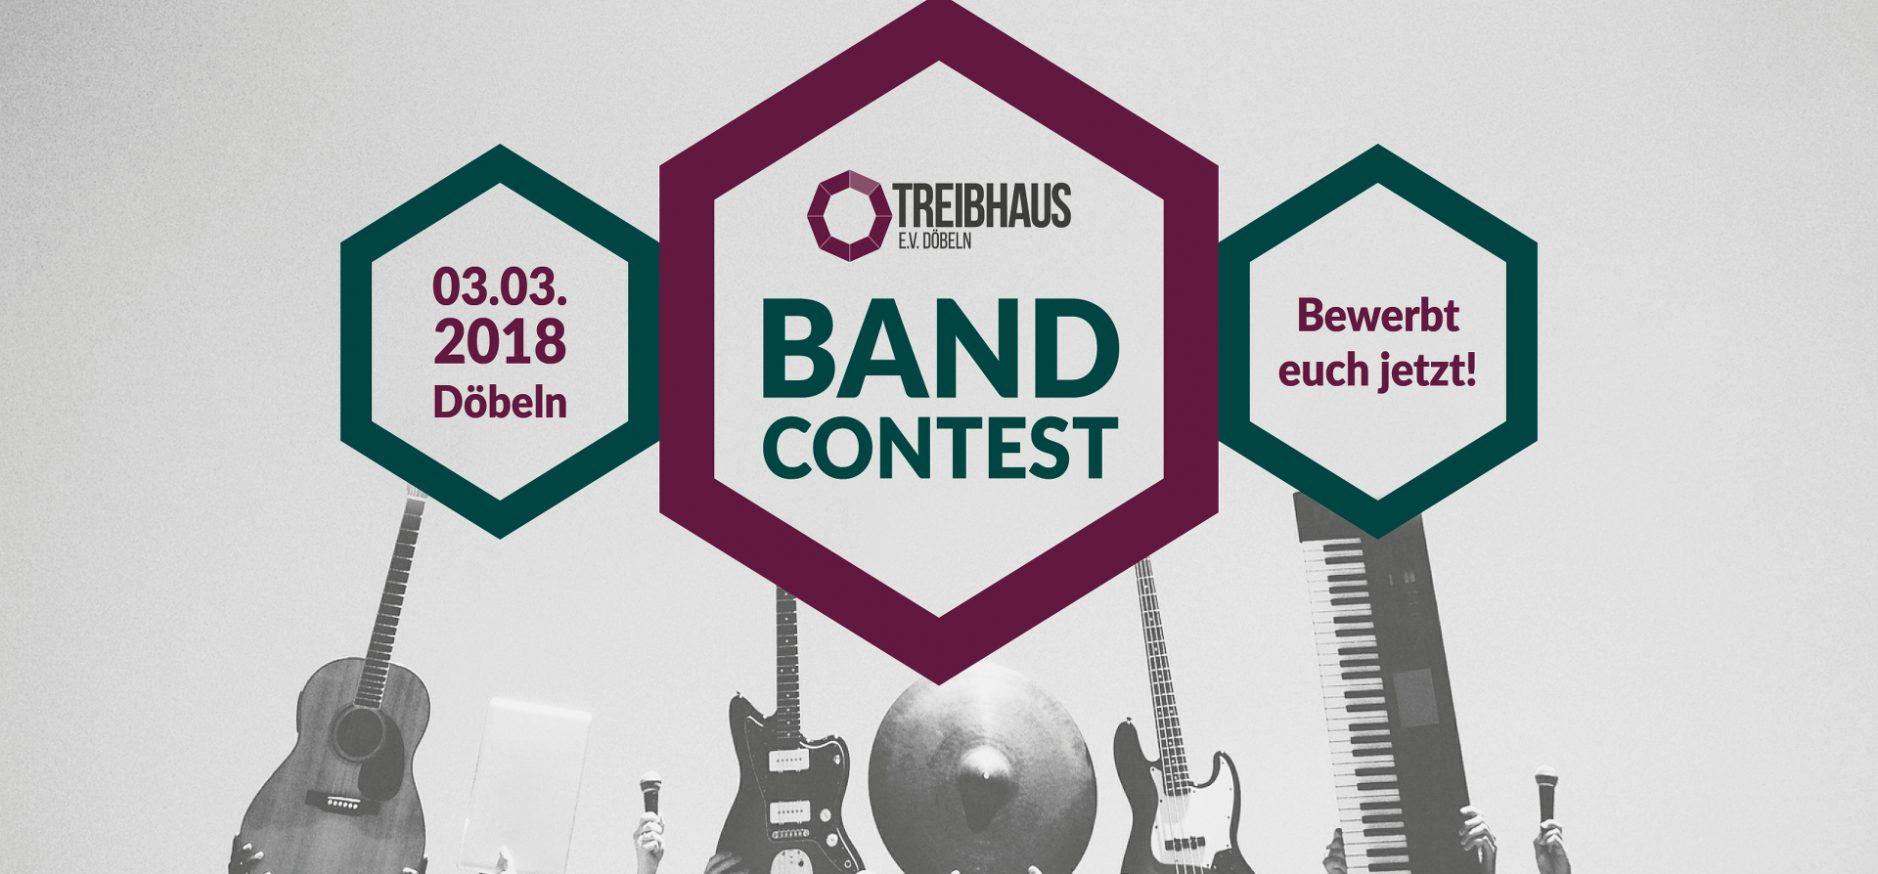 Jetzt anmelden für den Bandcontest 2018!